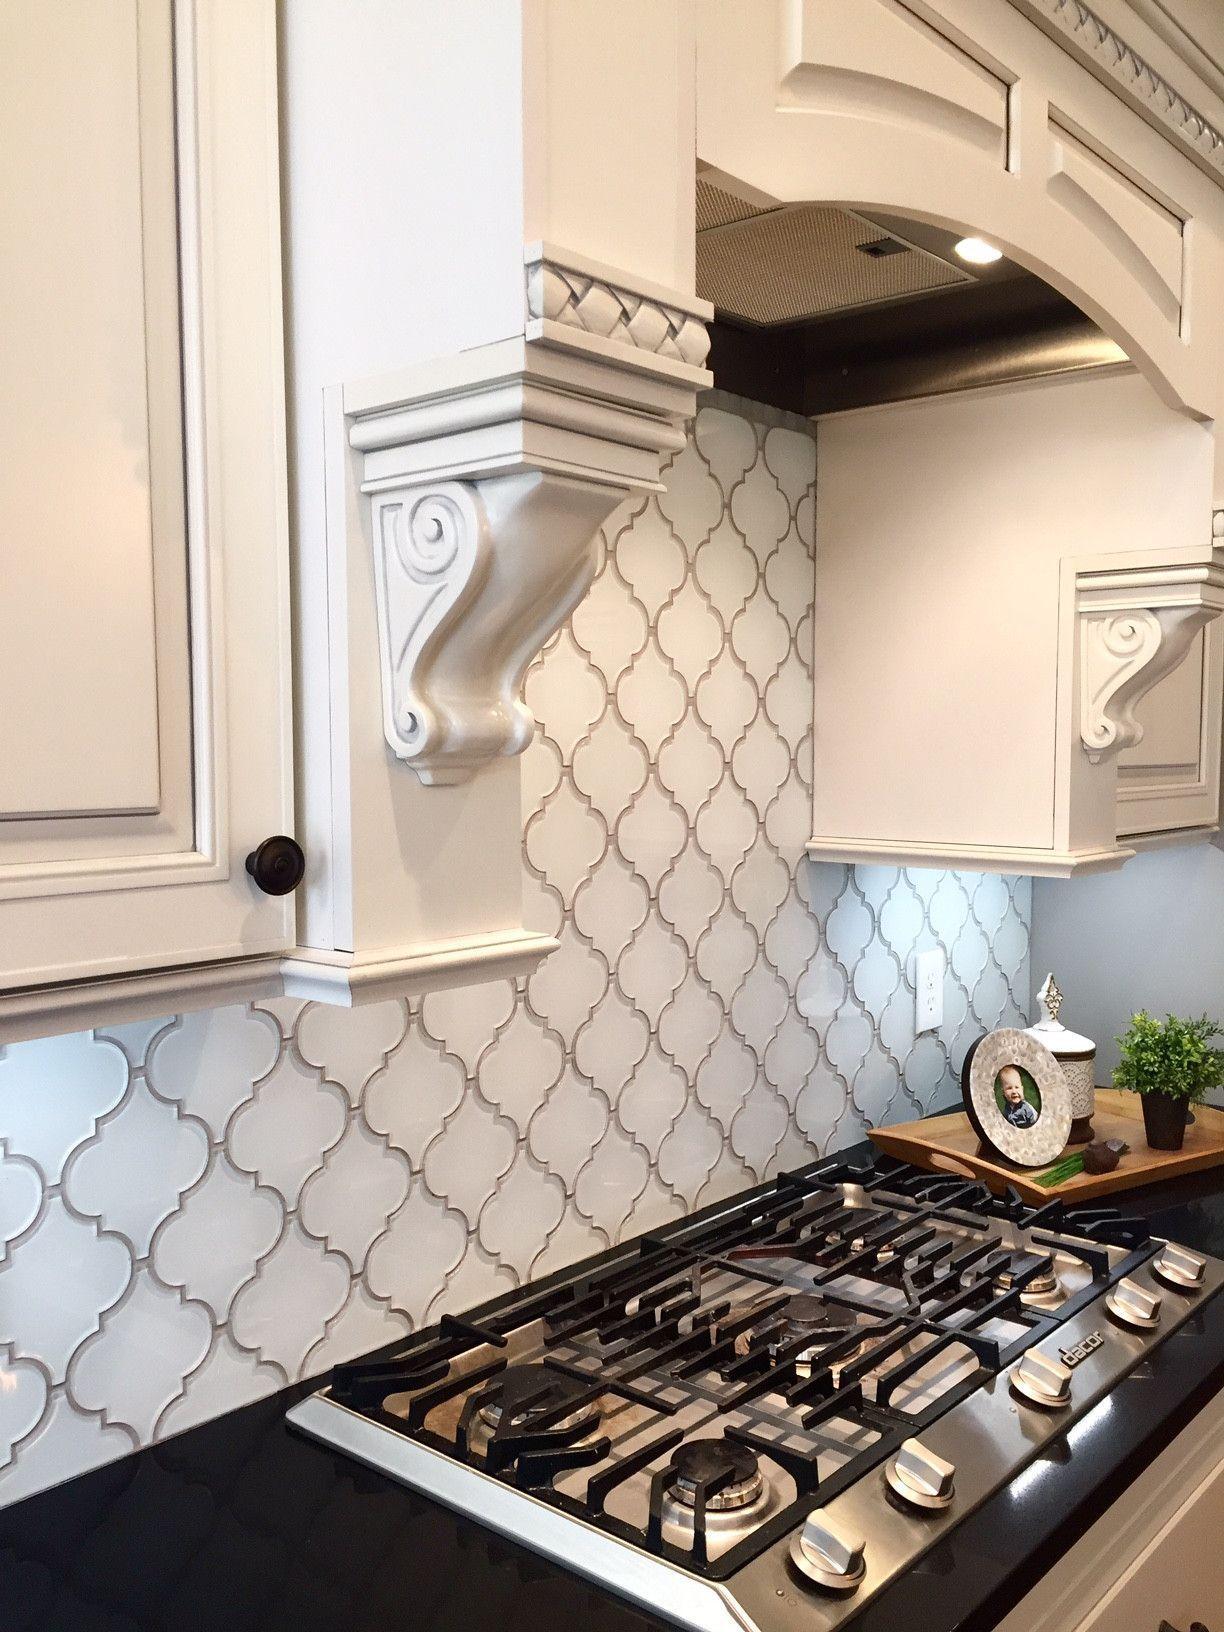 Top 15 Best Materials For Kitchen Countertops 2021 Farmhouse Kitchen Backsplash White Kitchen Backsplash Backsplash Tile Design